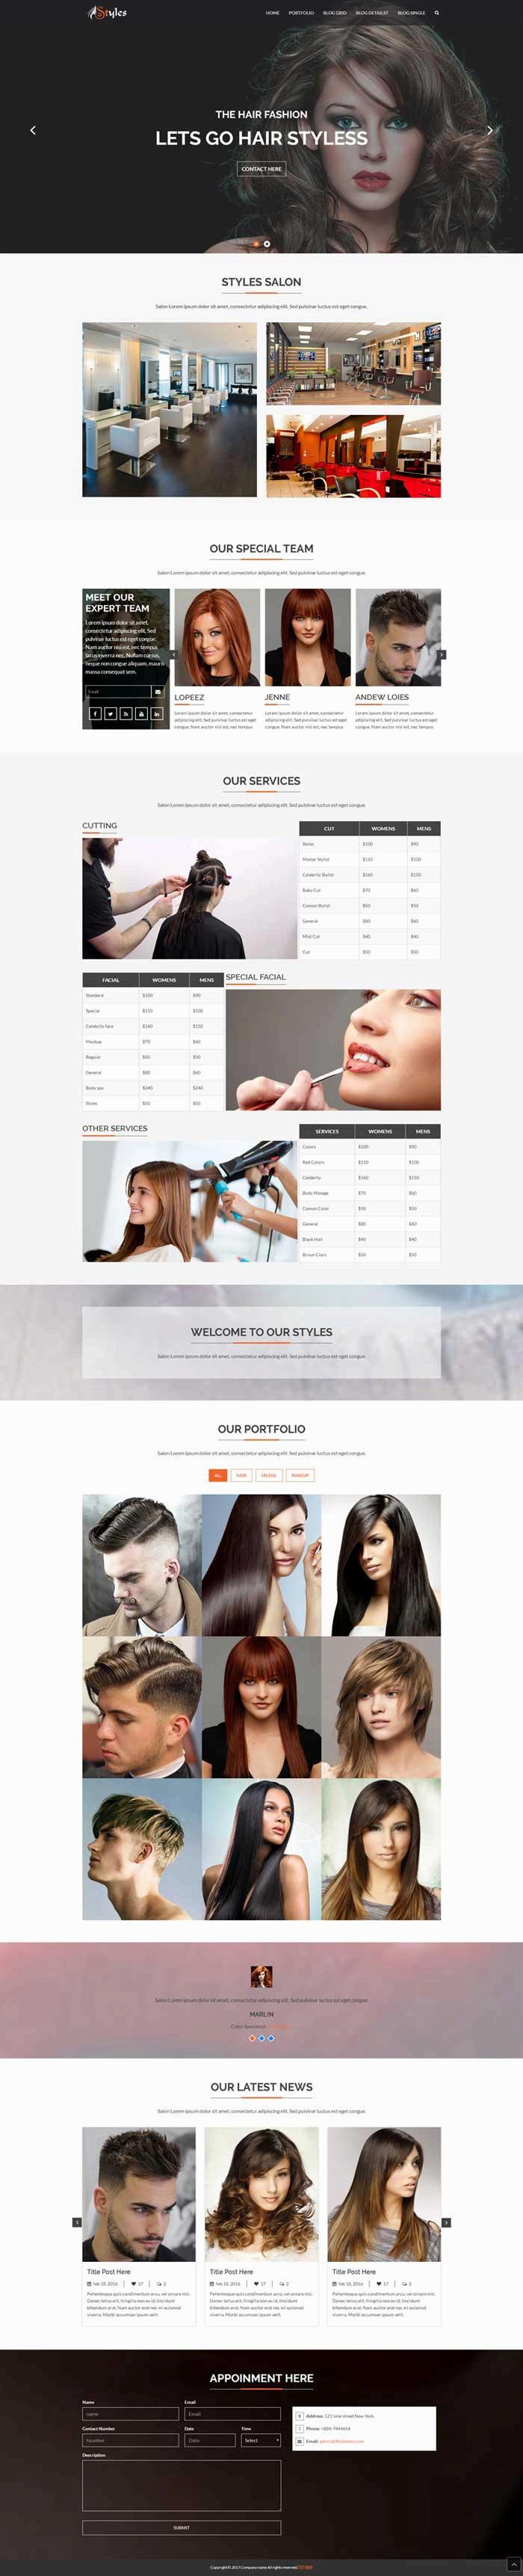 黑色的美容美发店网站模板